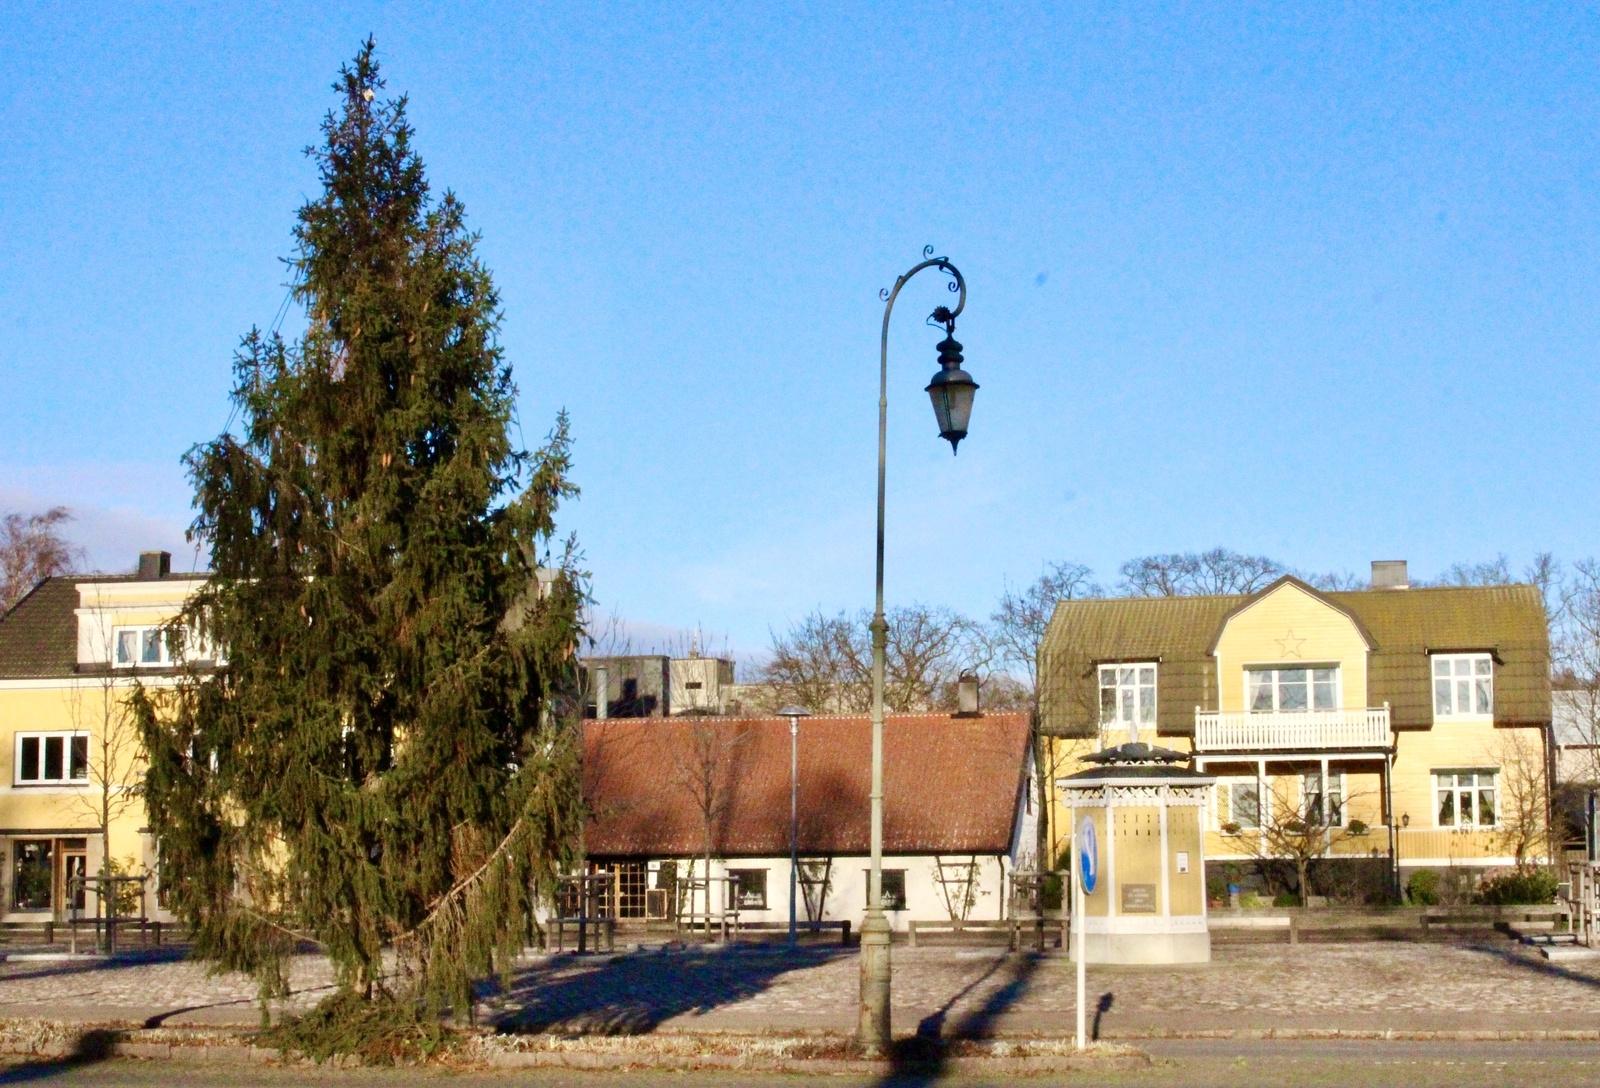 MÖRBYLÅNGA: Granen på Mörbylånga torg, hämtad från kommunens mark.